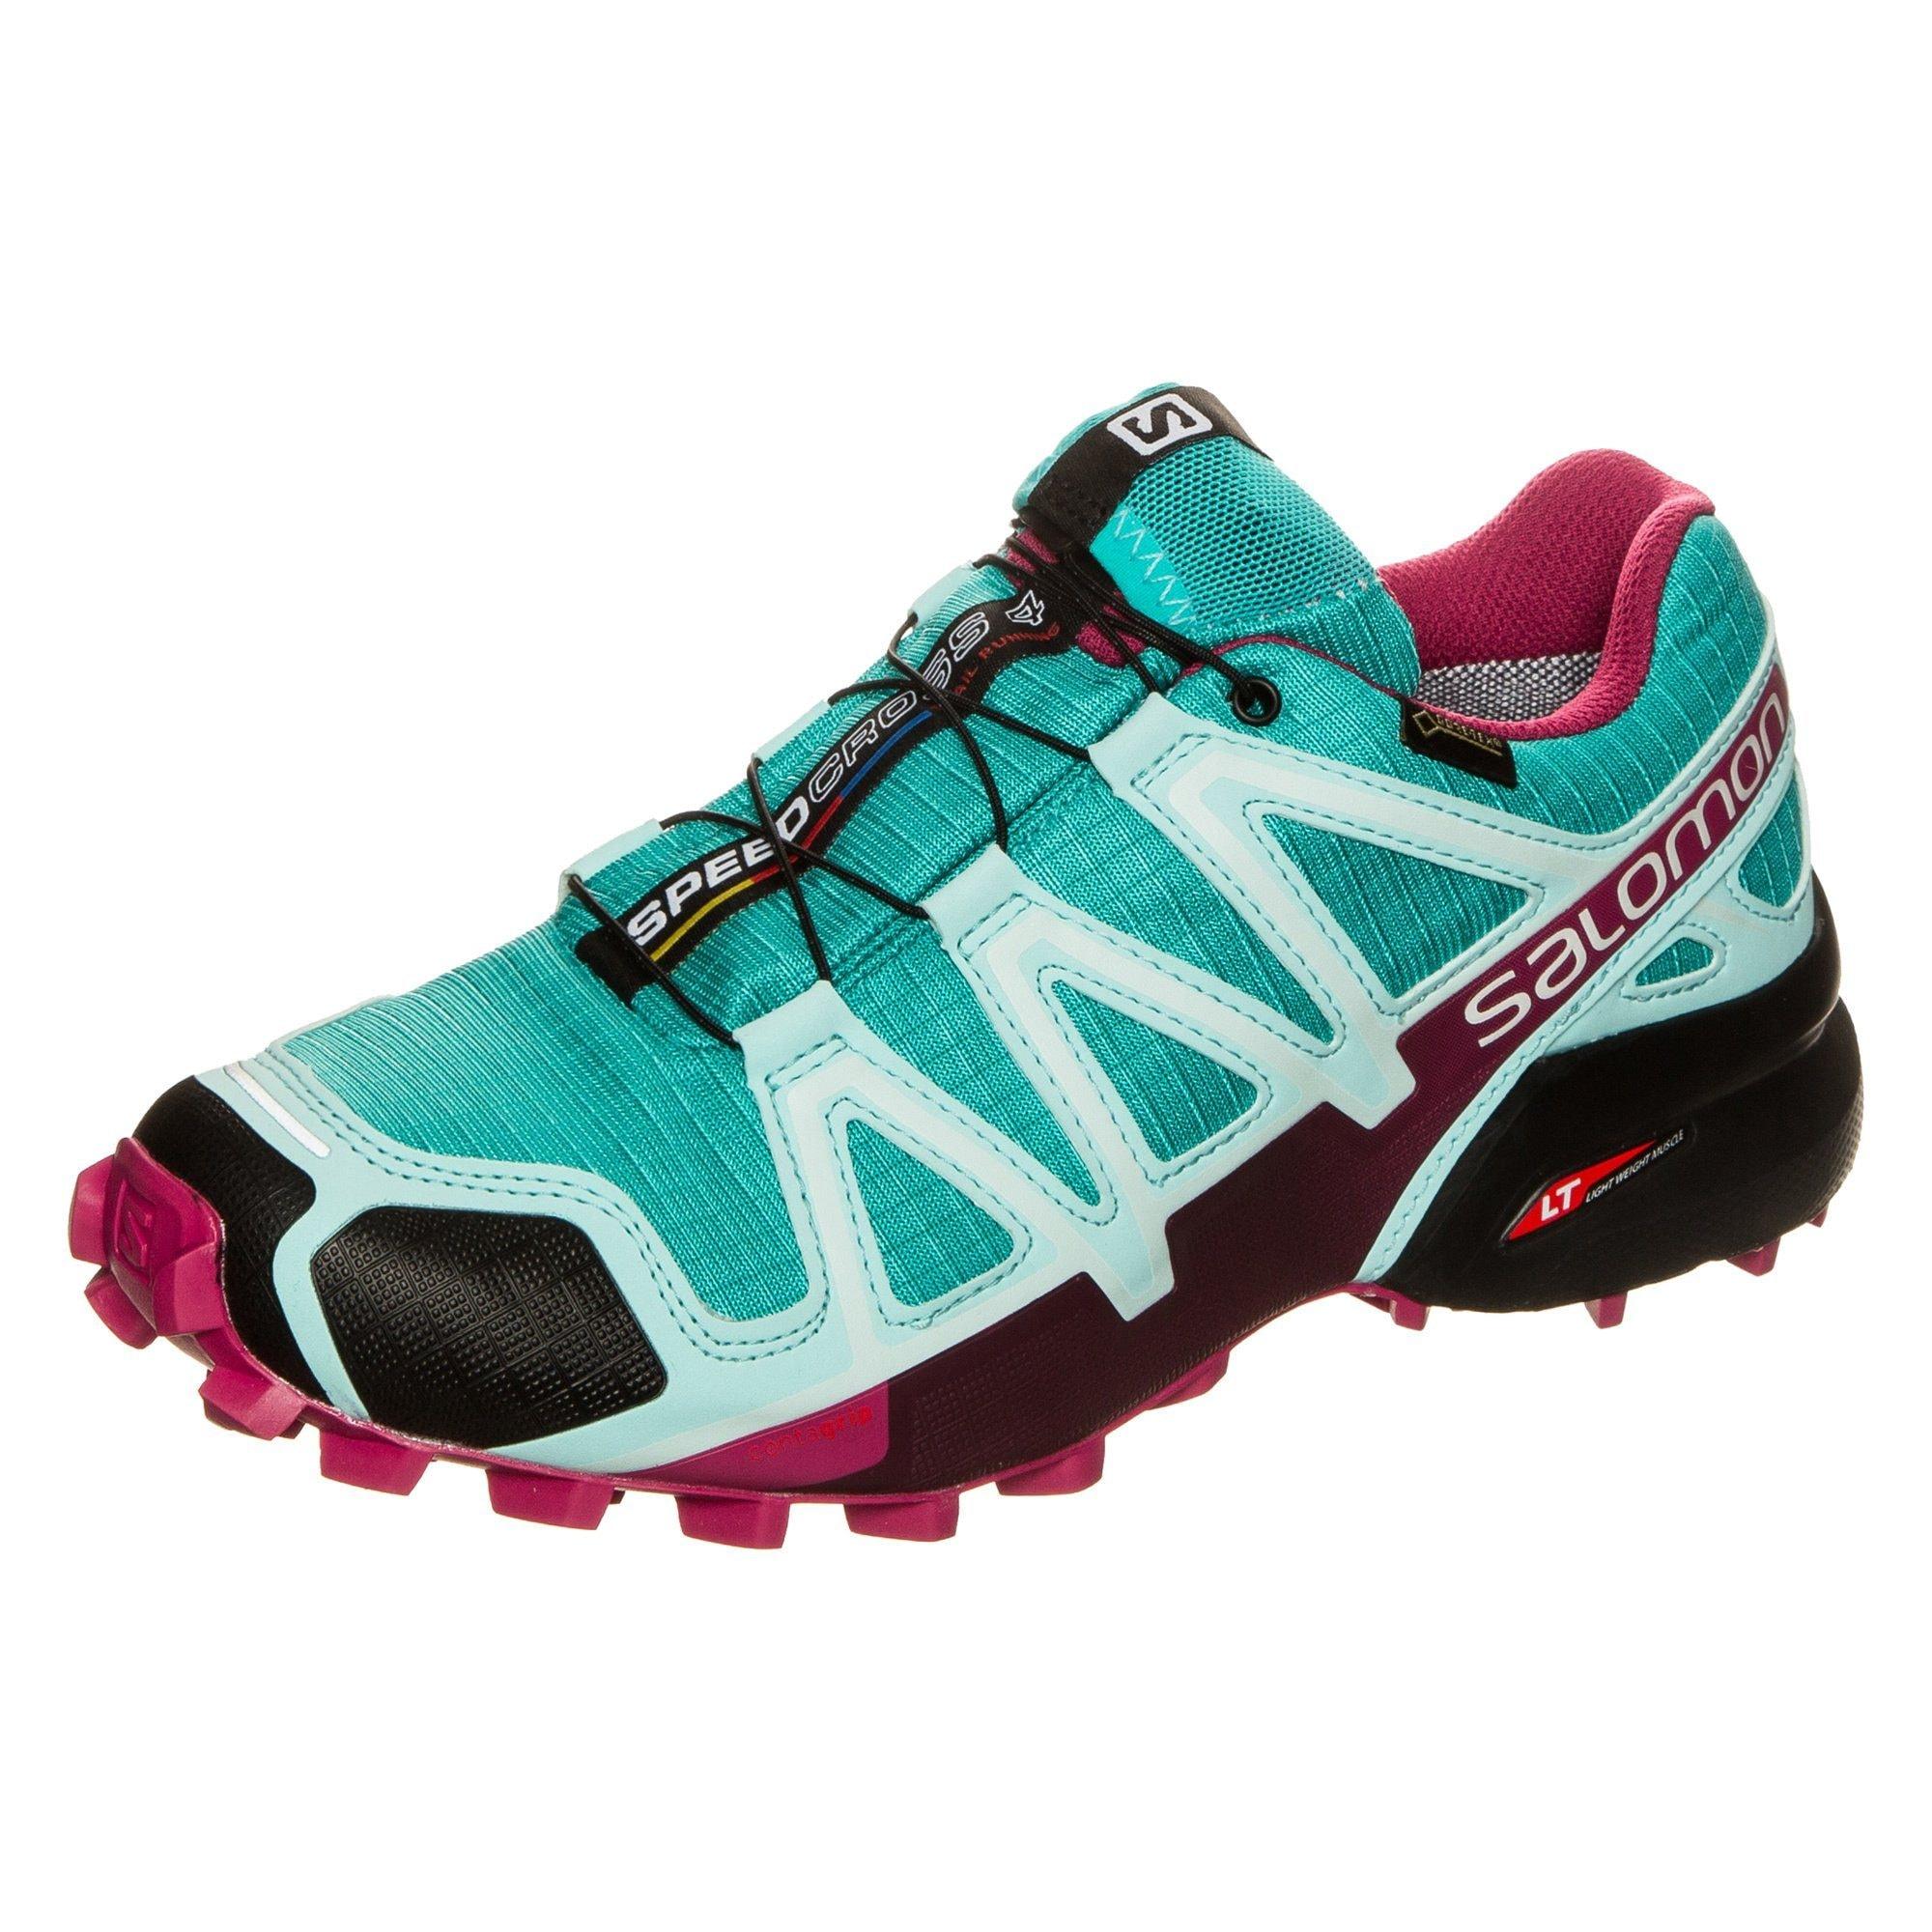 Salomon Speedcross 4 GTX Trail Laufschuh Damen auf Raten | BAUR